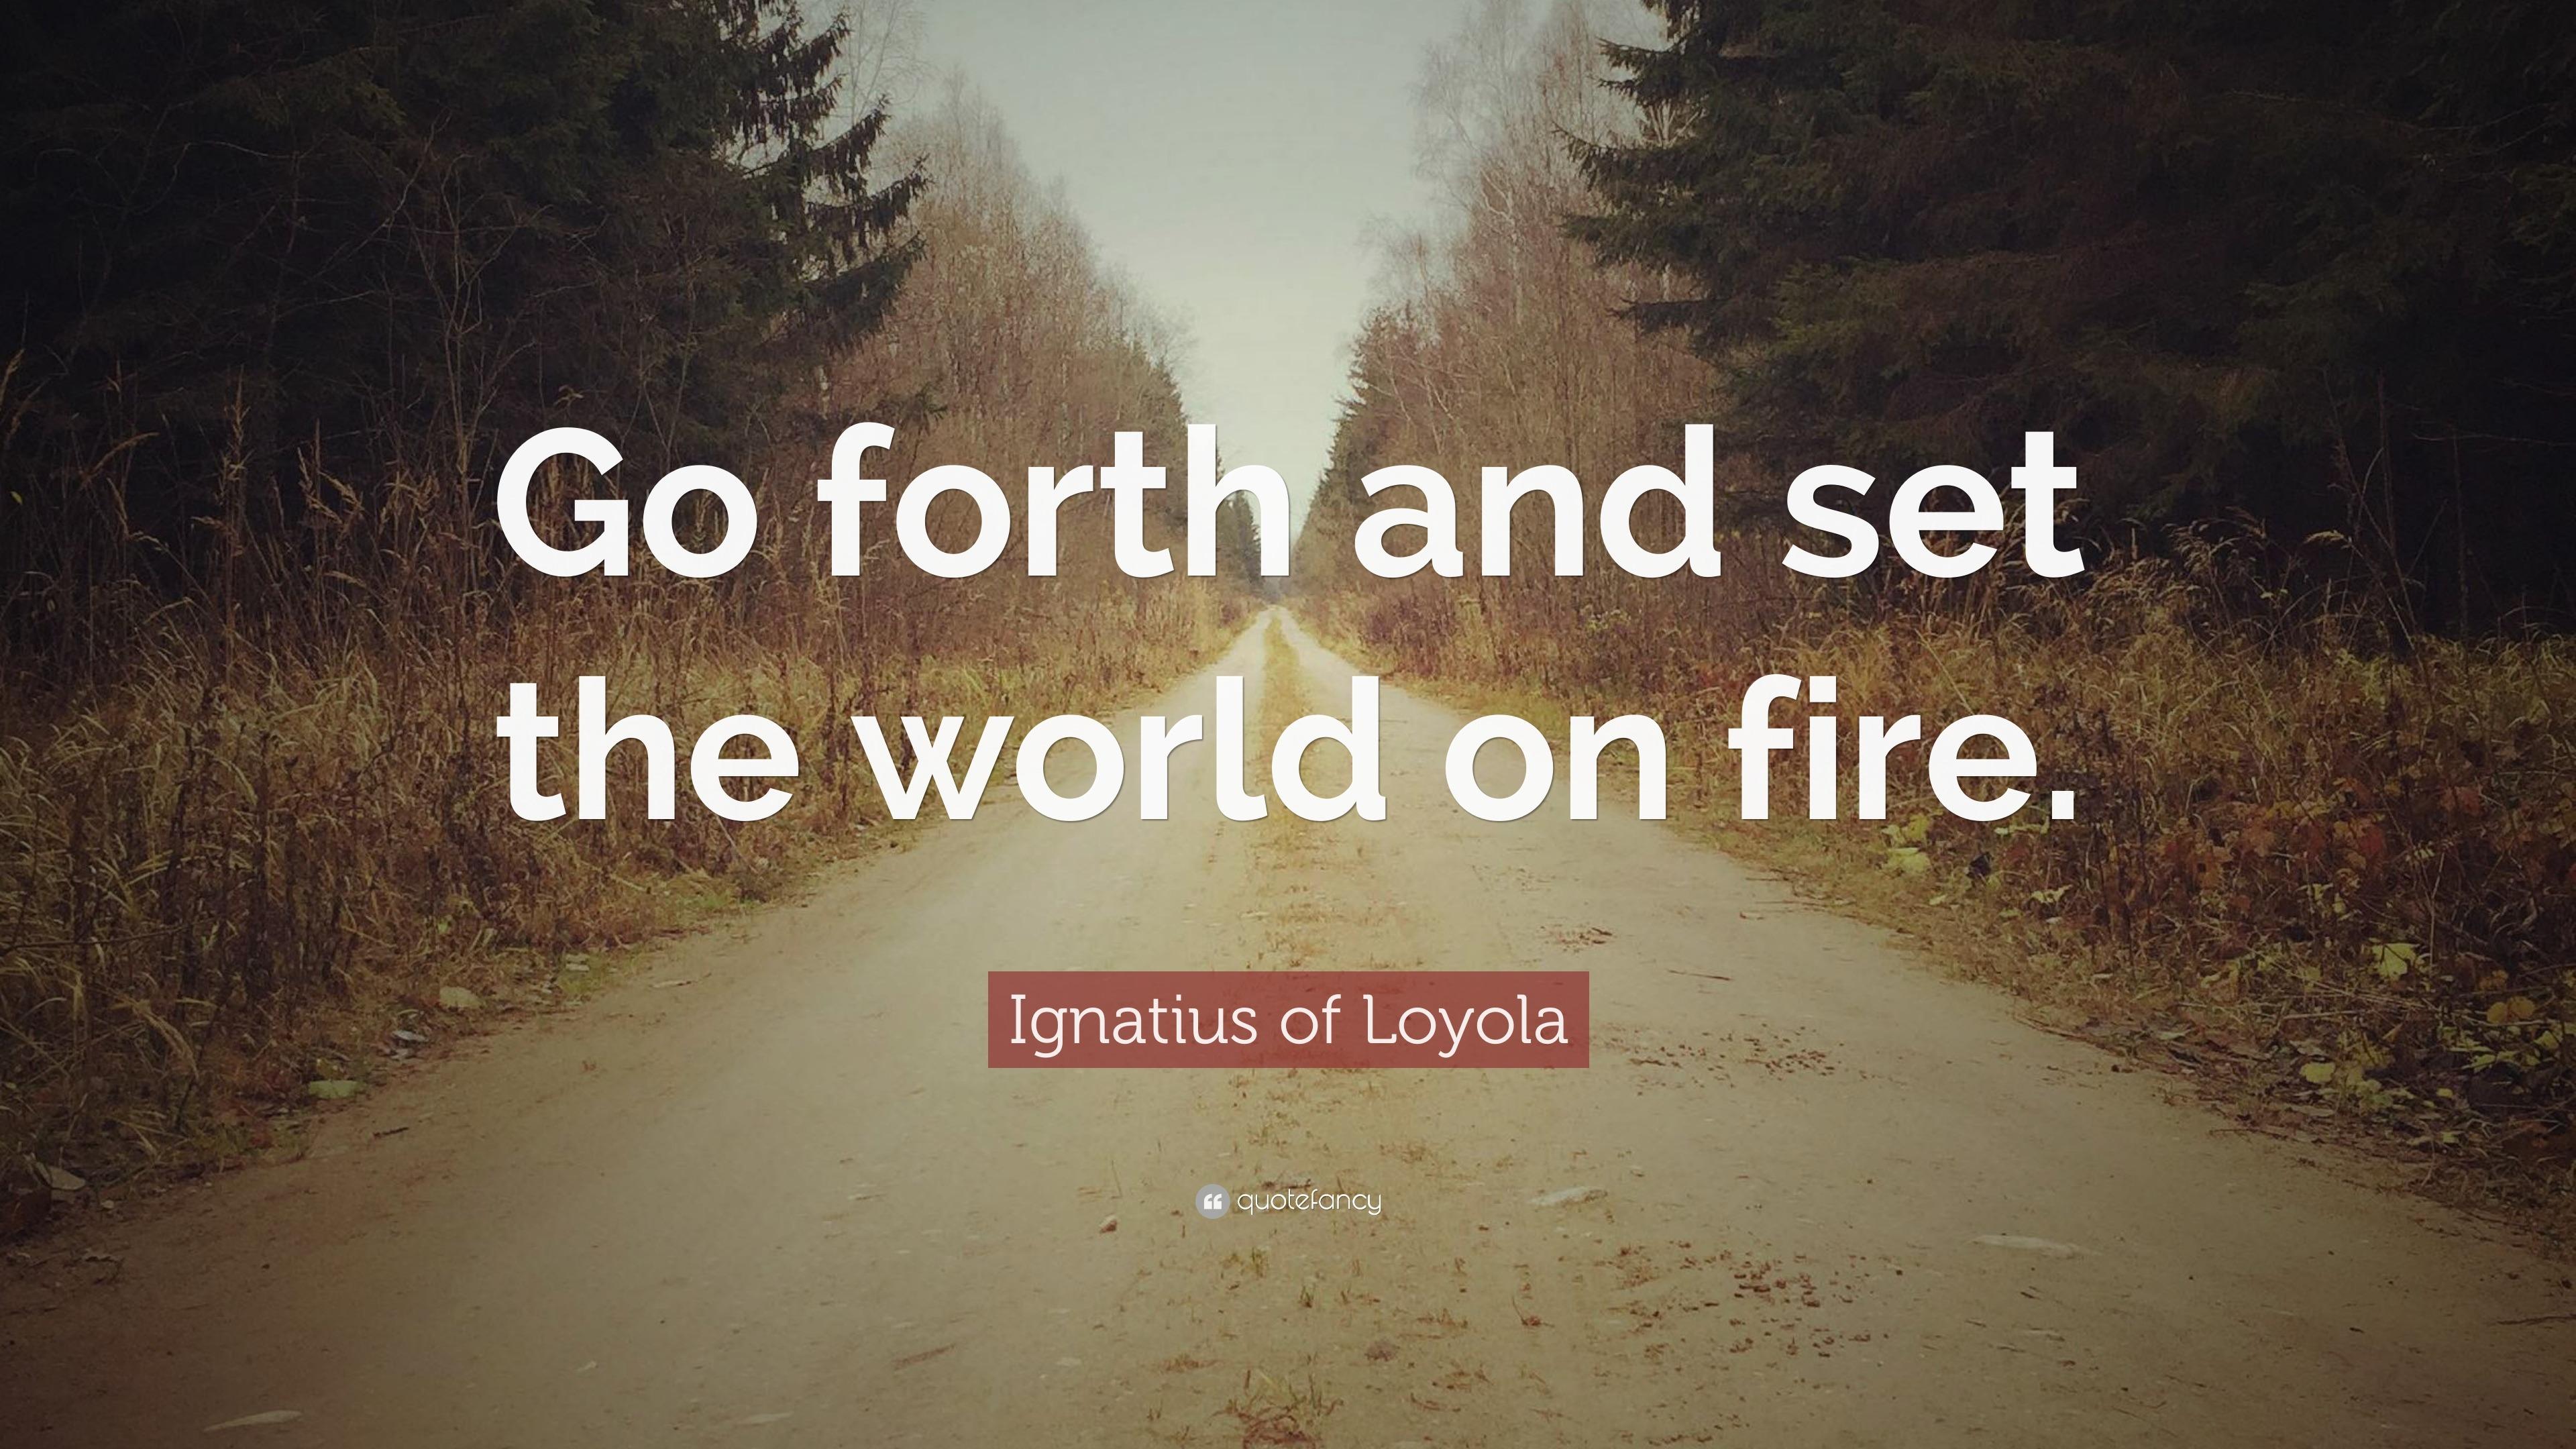 St Ignatius Quotes Inspiration Ignatius Of Loyola Quotes 83 Wallpapers  Quotefancy